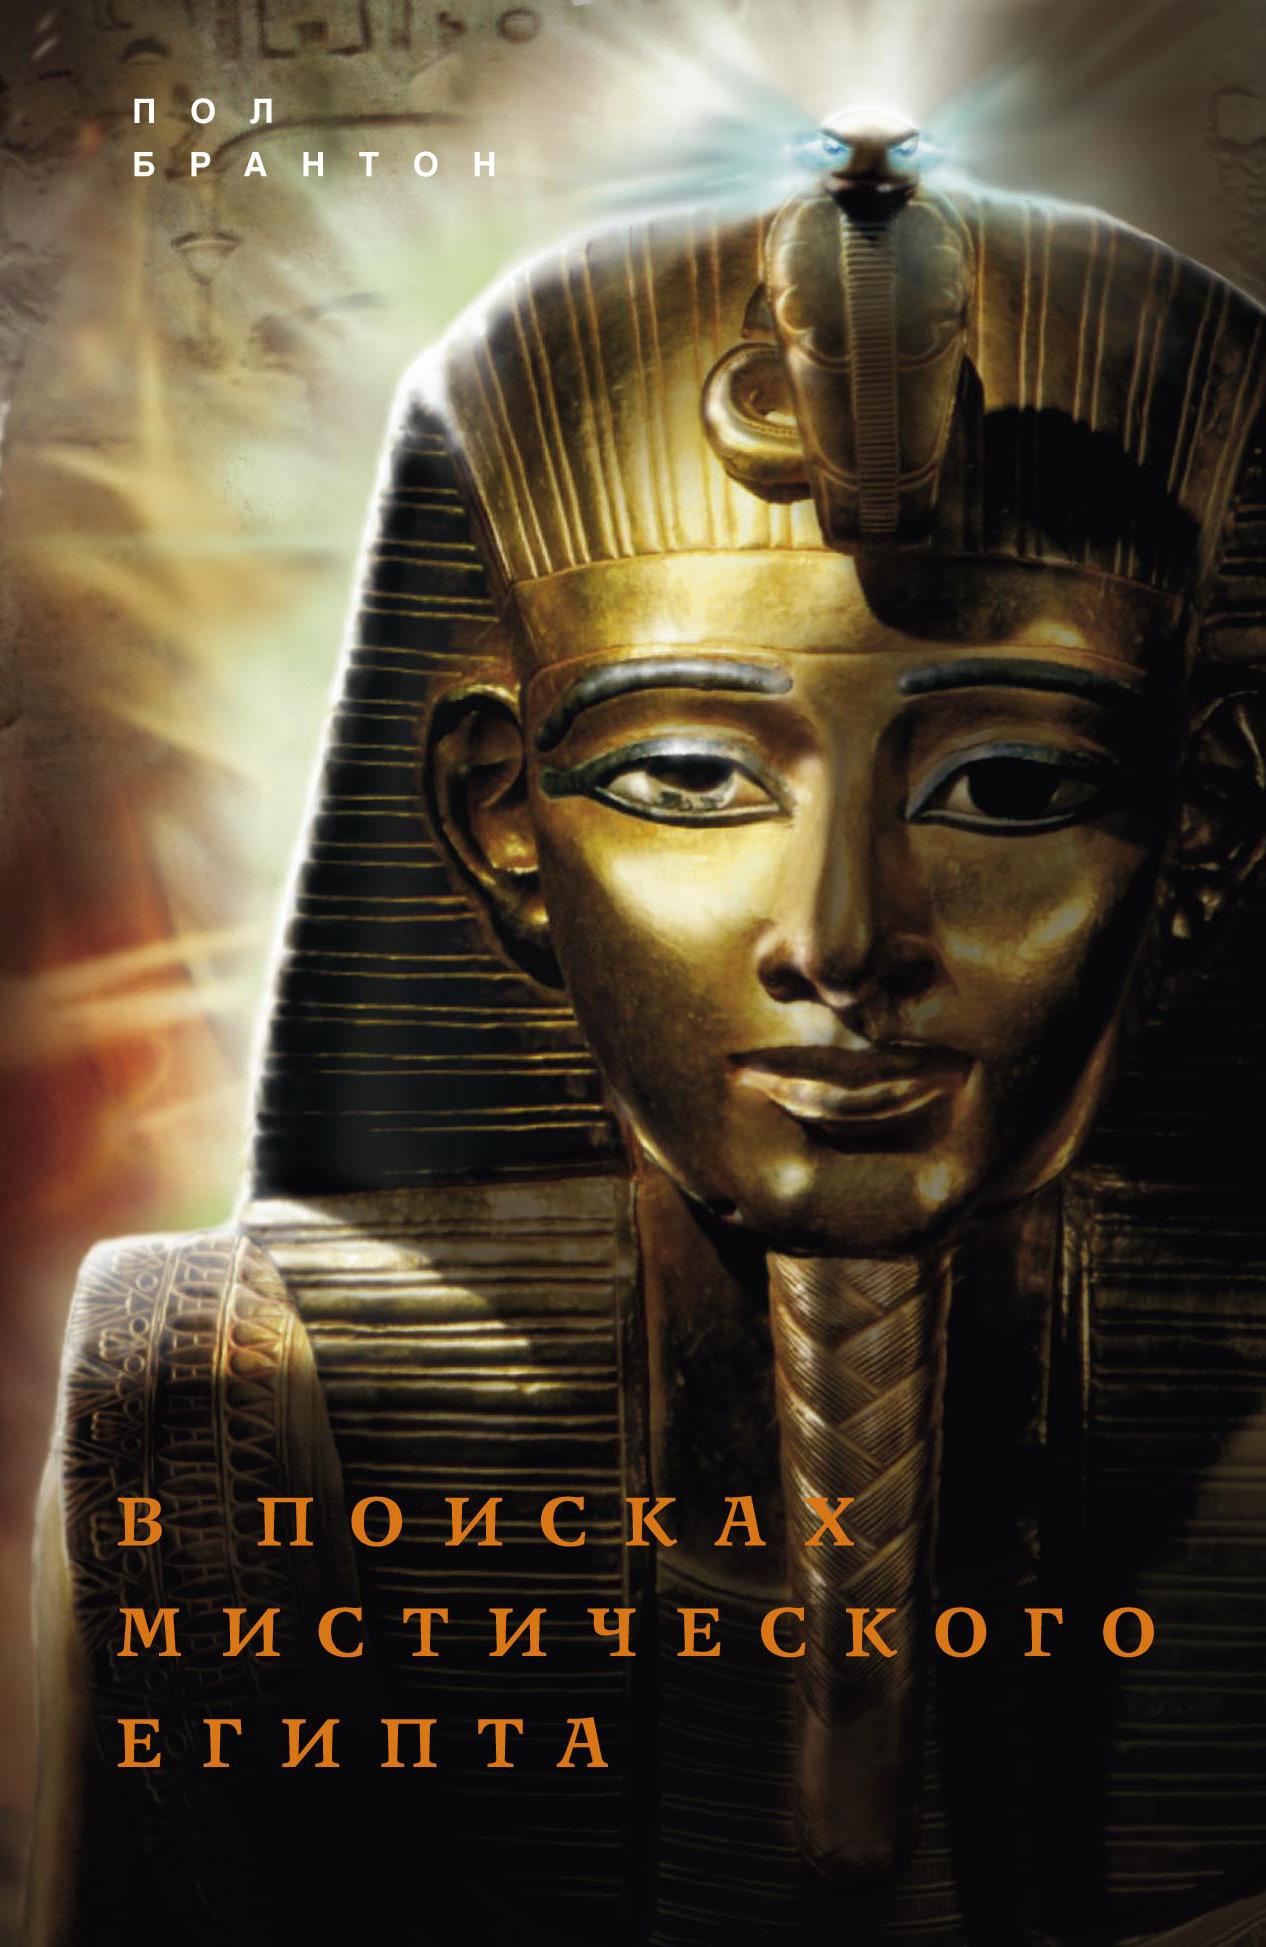 Поль Брантон В поисках мистического Египта